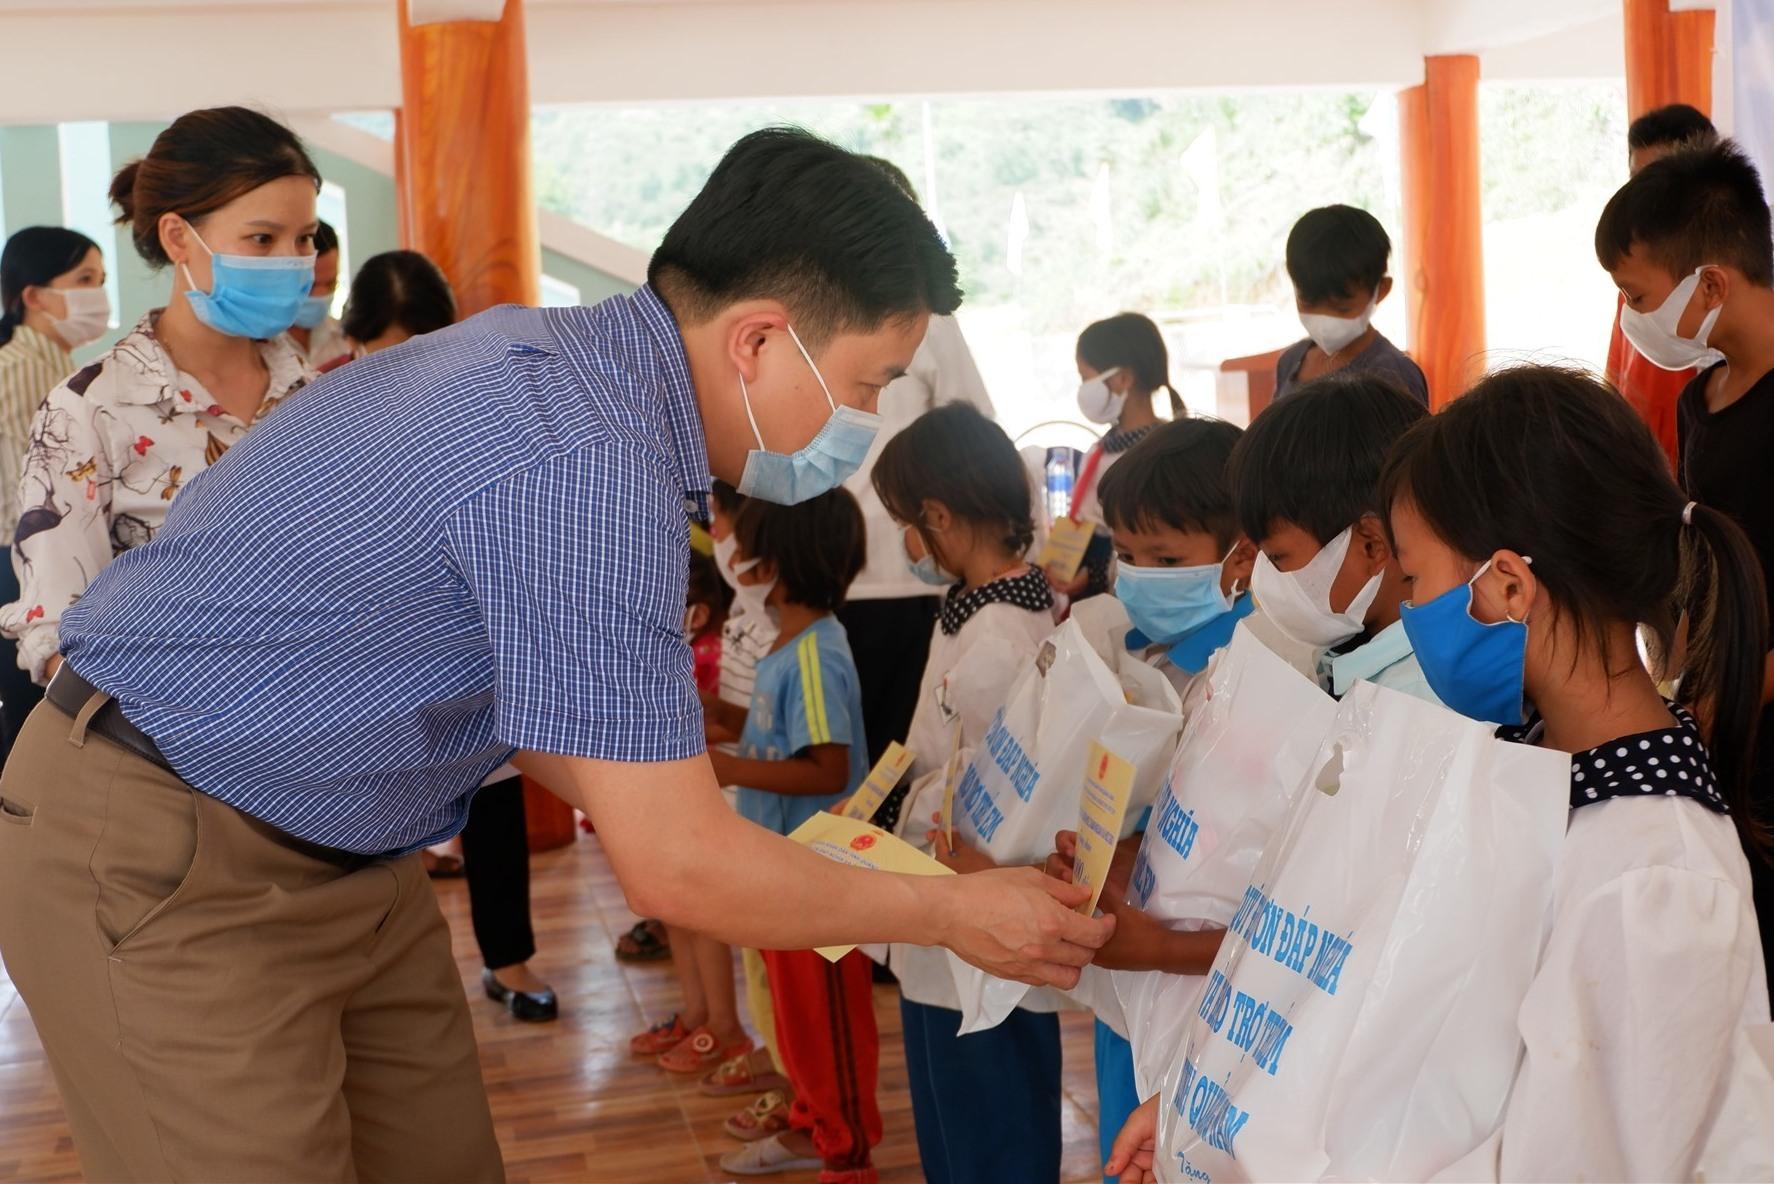 Phó Chủ tịch UBND Tỉnh Trần Văn Tân tặng quà cho trẻ em Trà Leng. Ảnh: X.H